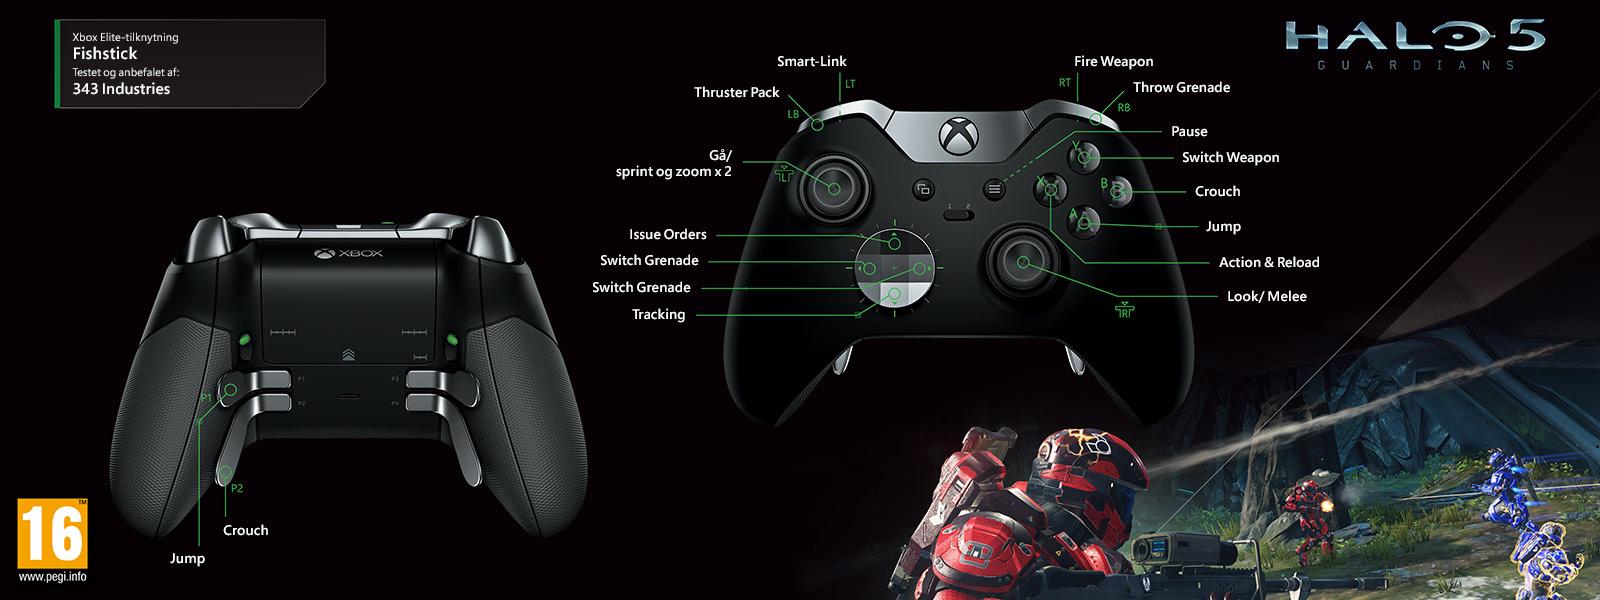 Halo 5 – Elite-konfiguration til Fishstick